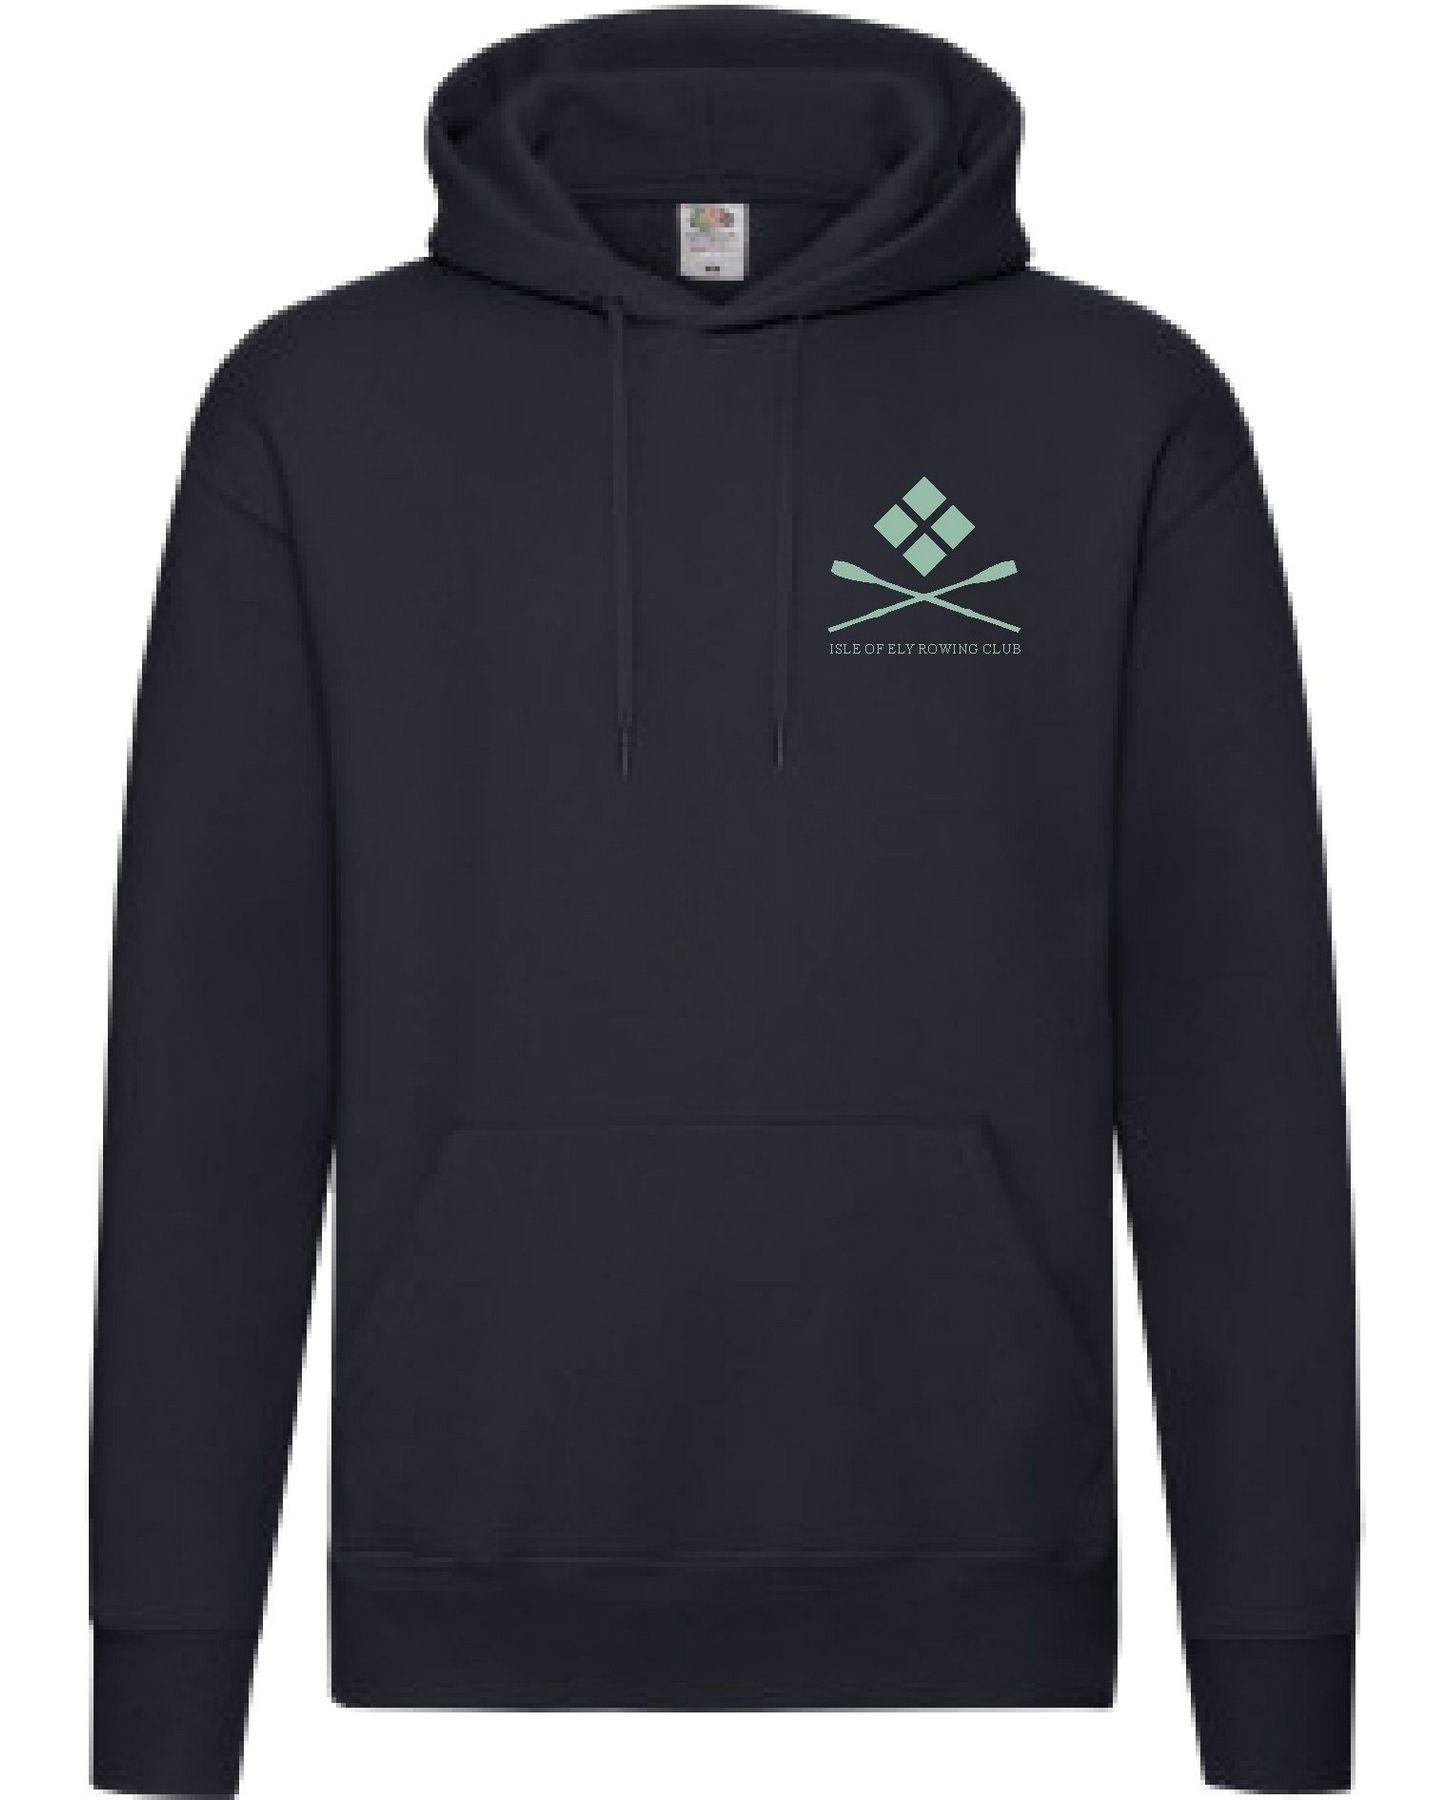 IOERC – Premium Hoodie (Unisex)